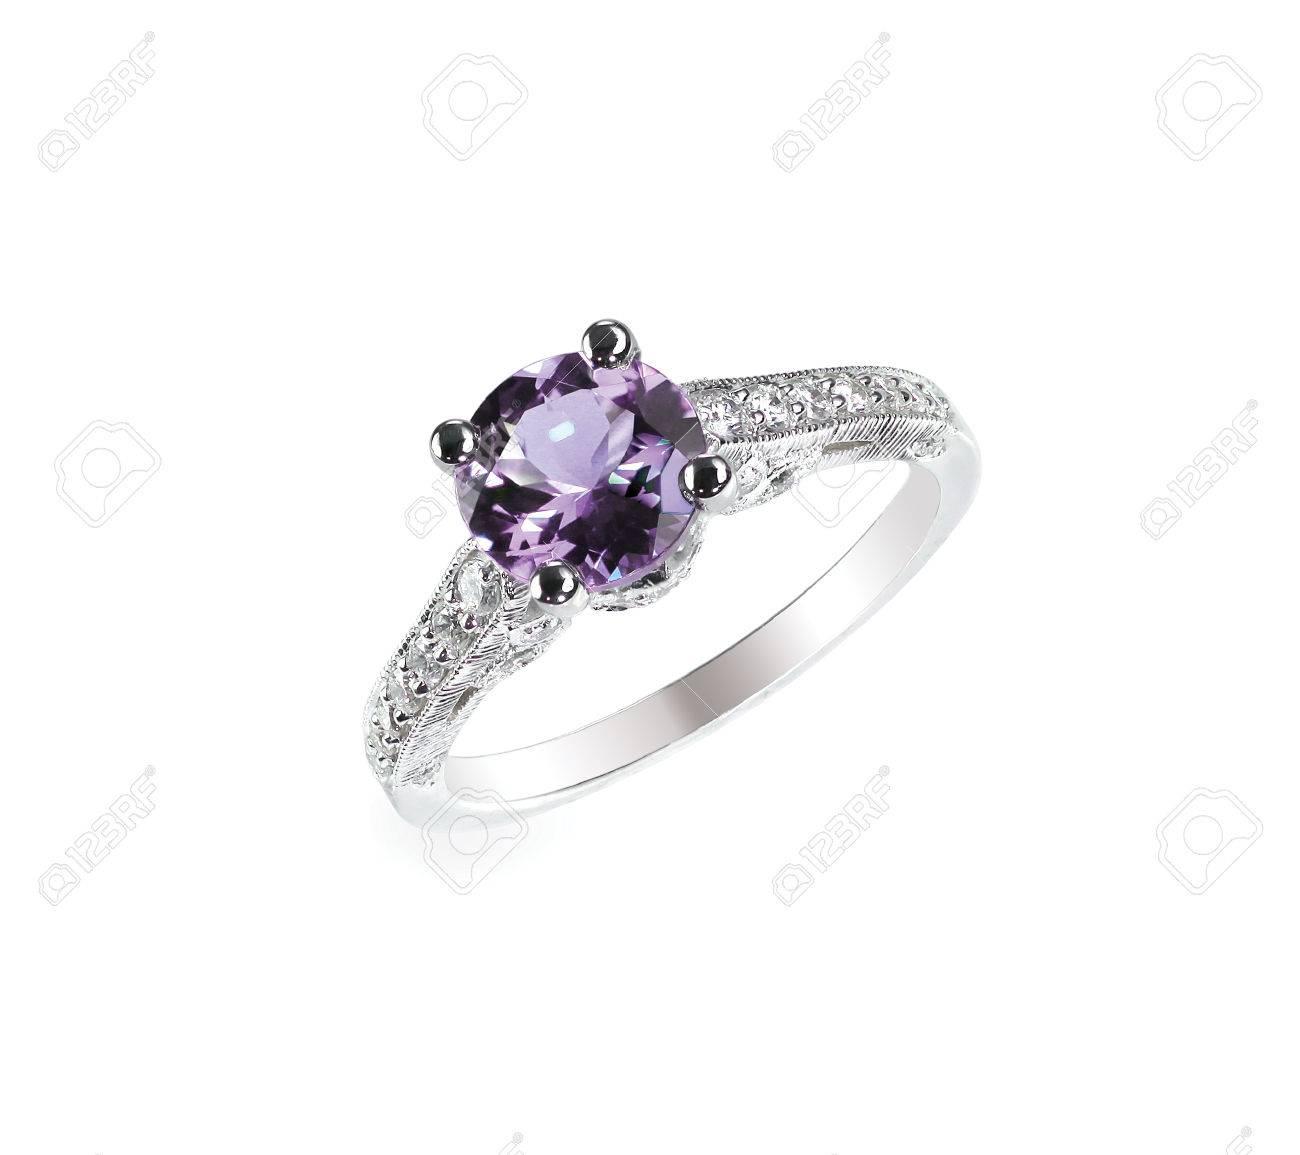 7c515b483cb3 Amatista púrpura de diamantes anillo de boda del compromiso de la piedra  preciosa de novia aislado